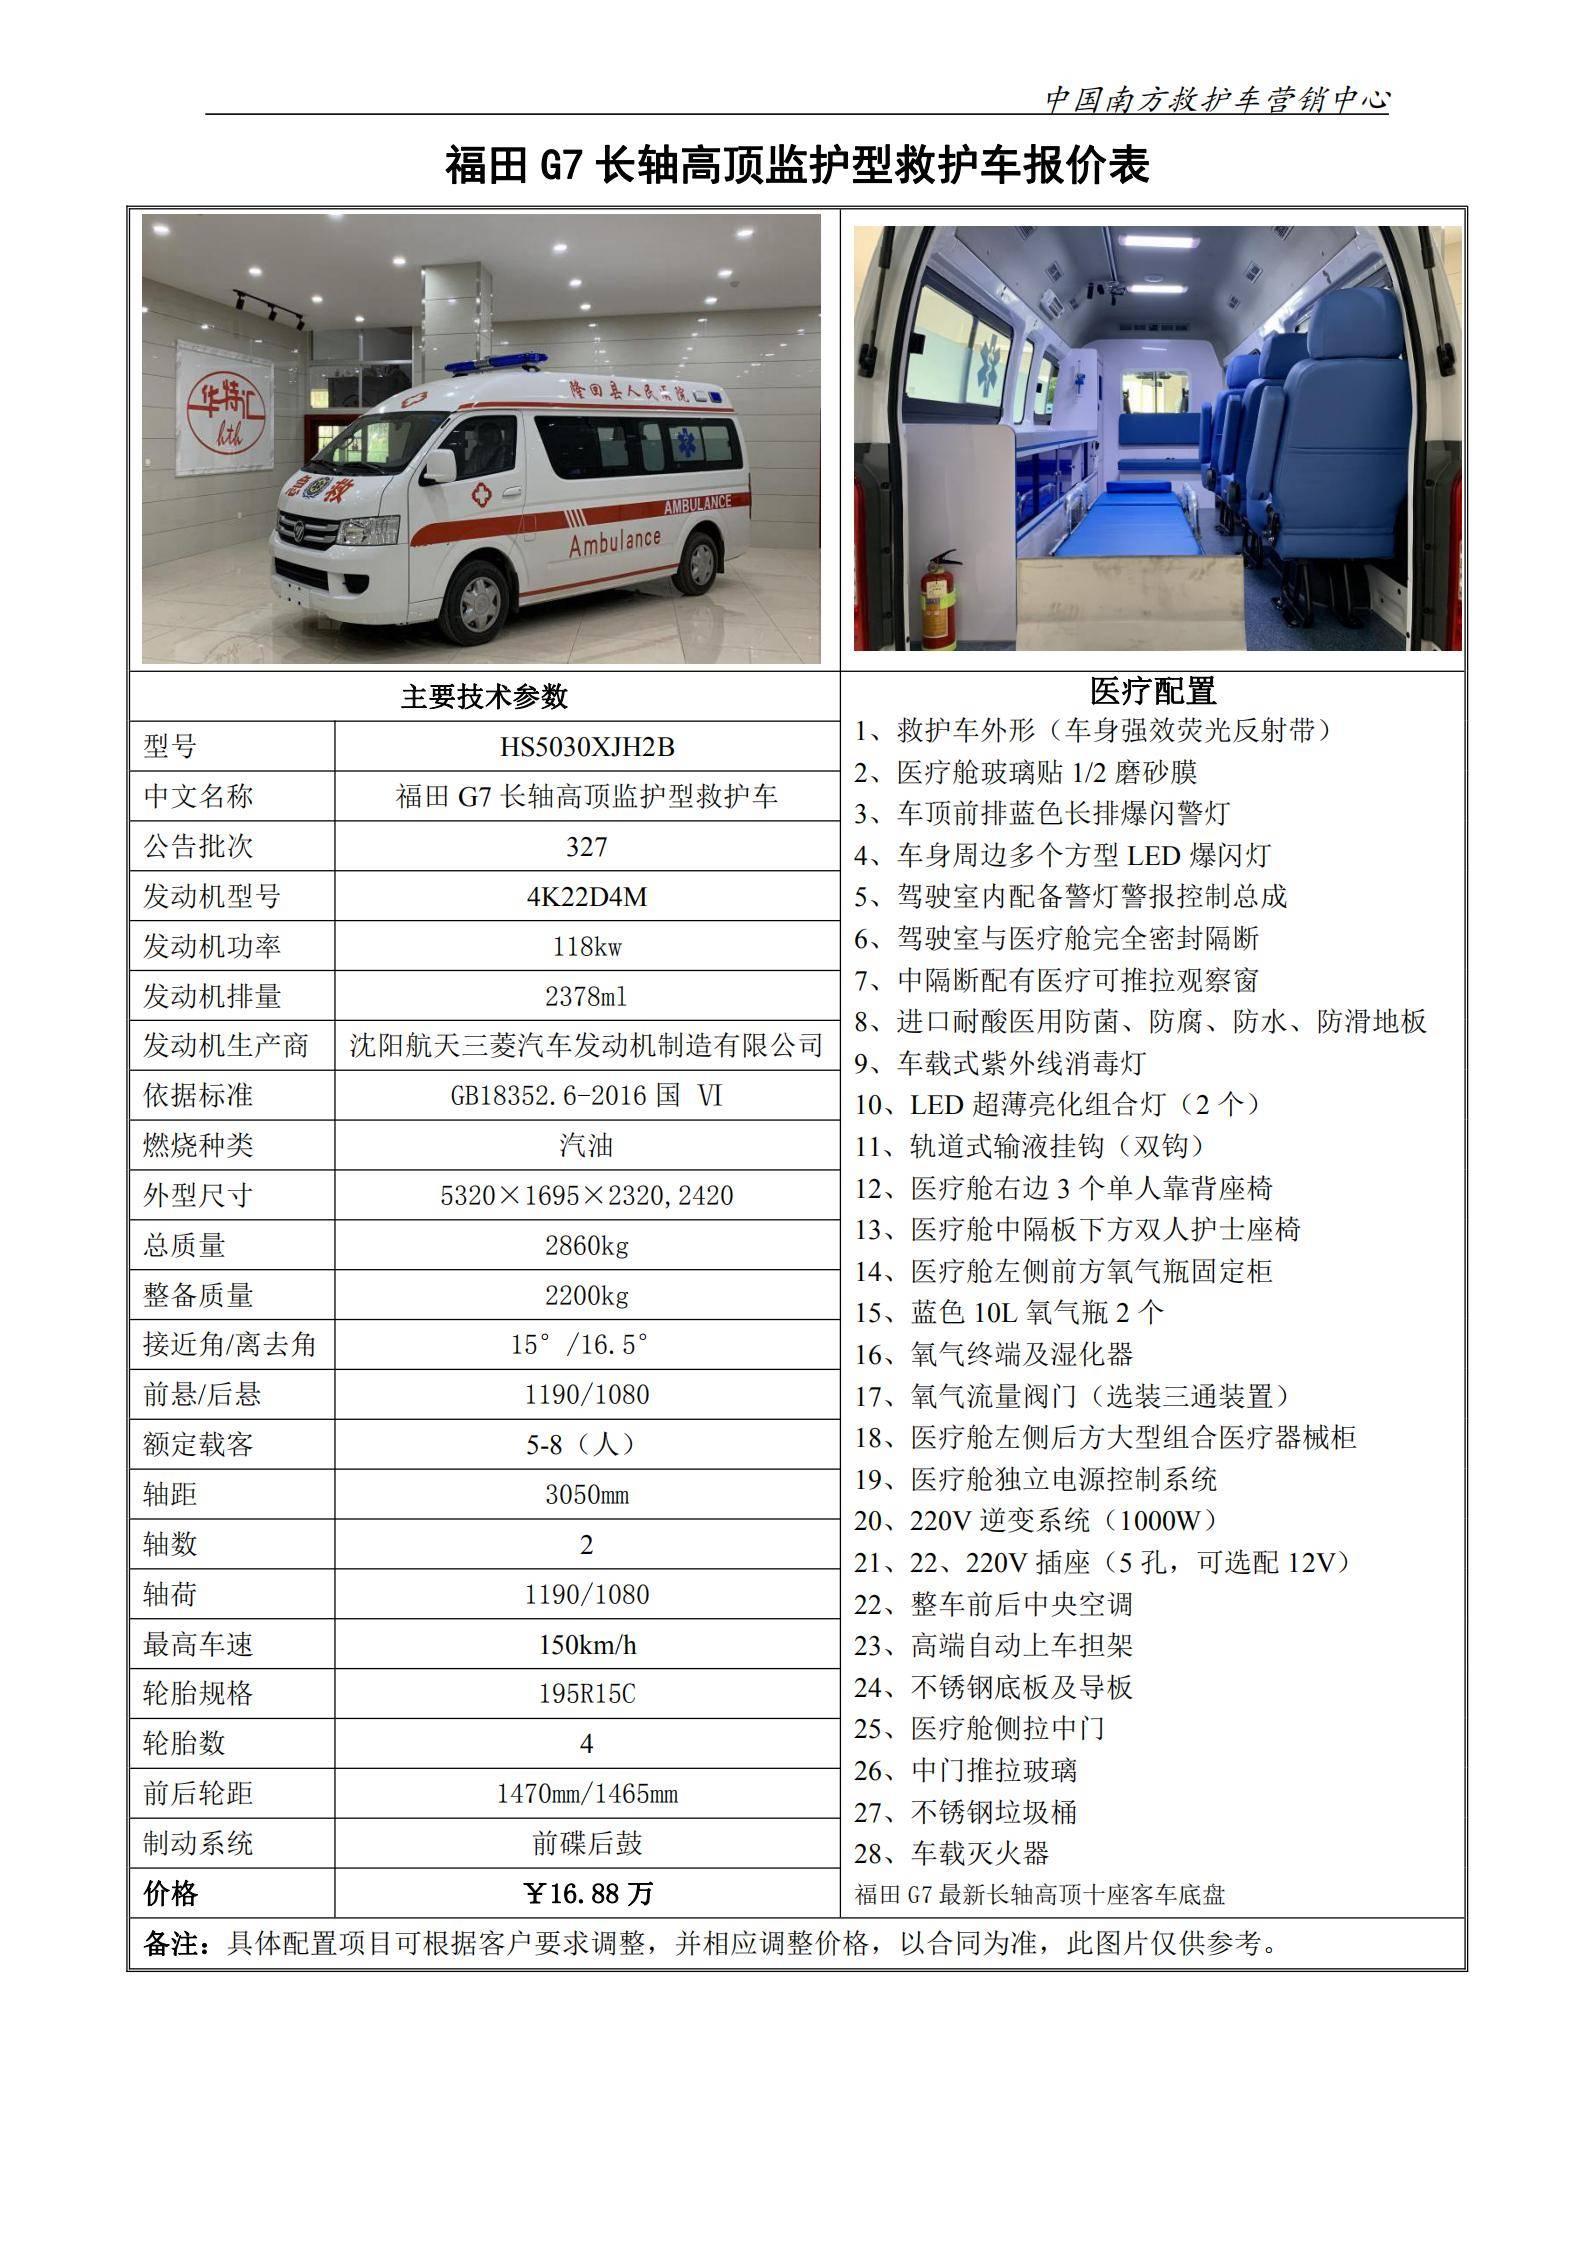 27、福田G7长轴高顶监护型救护车_00